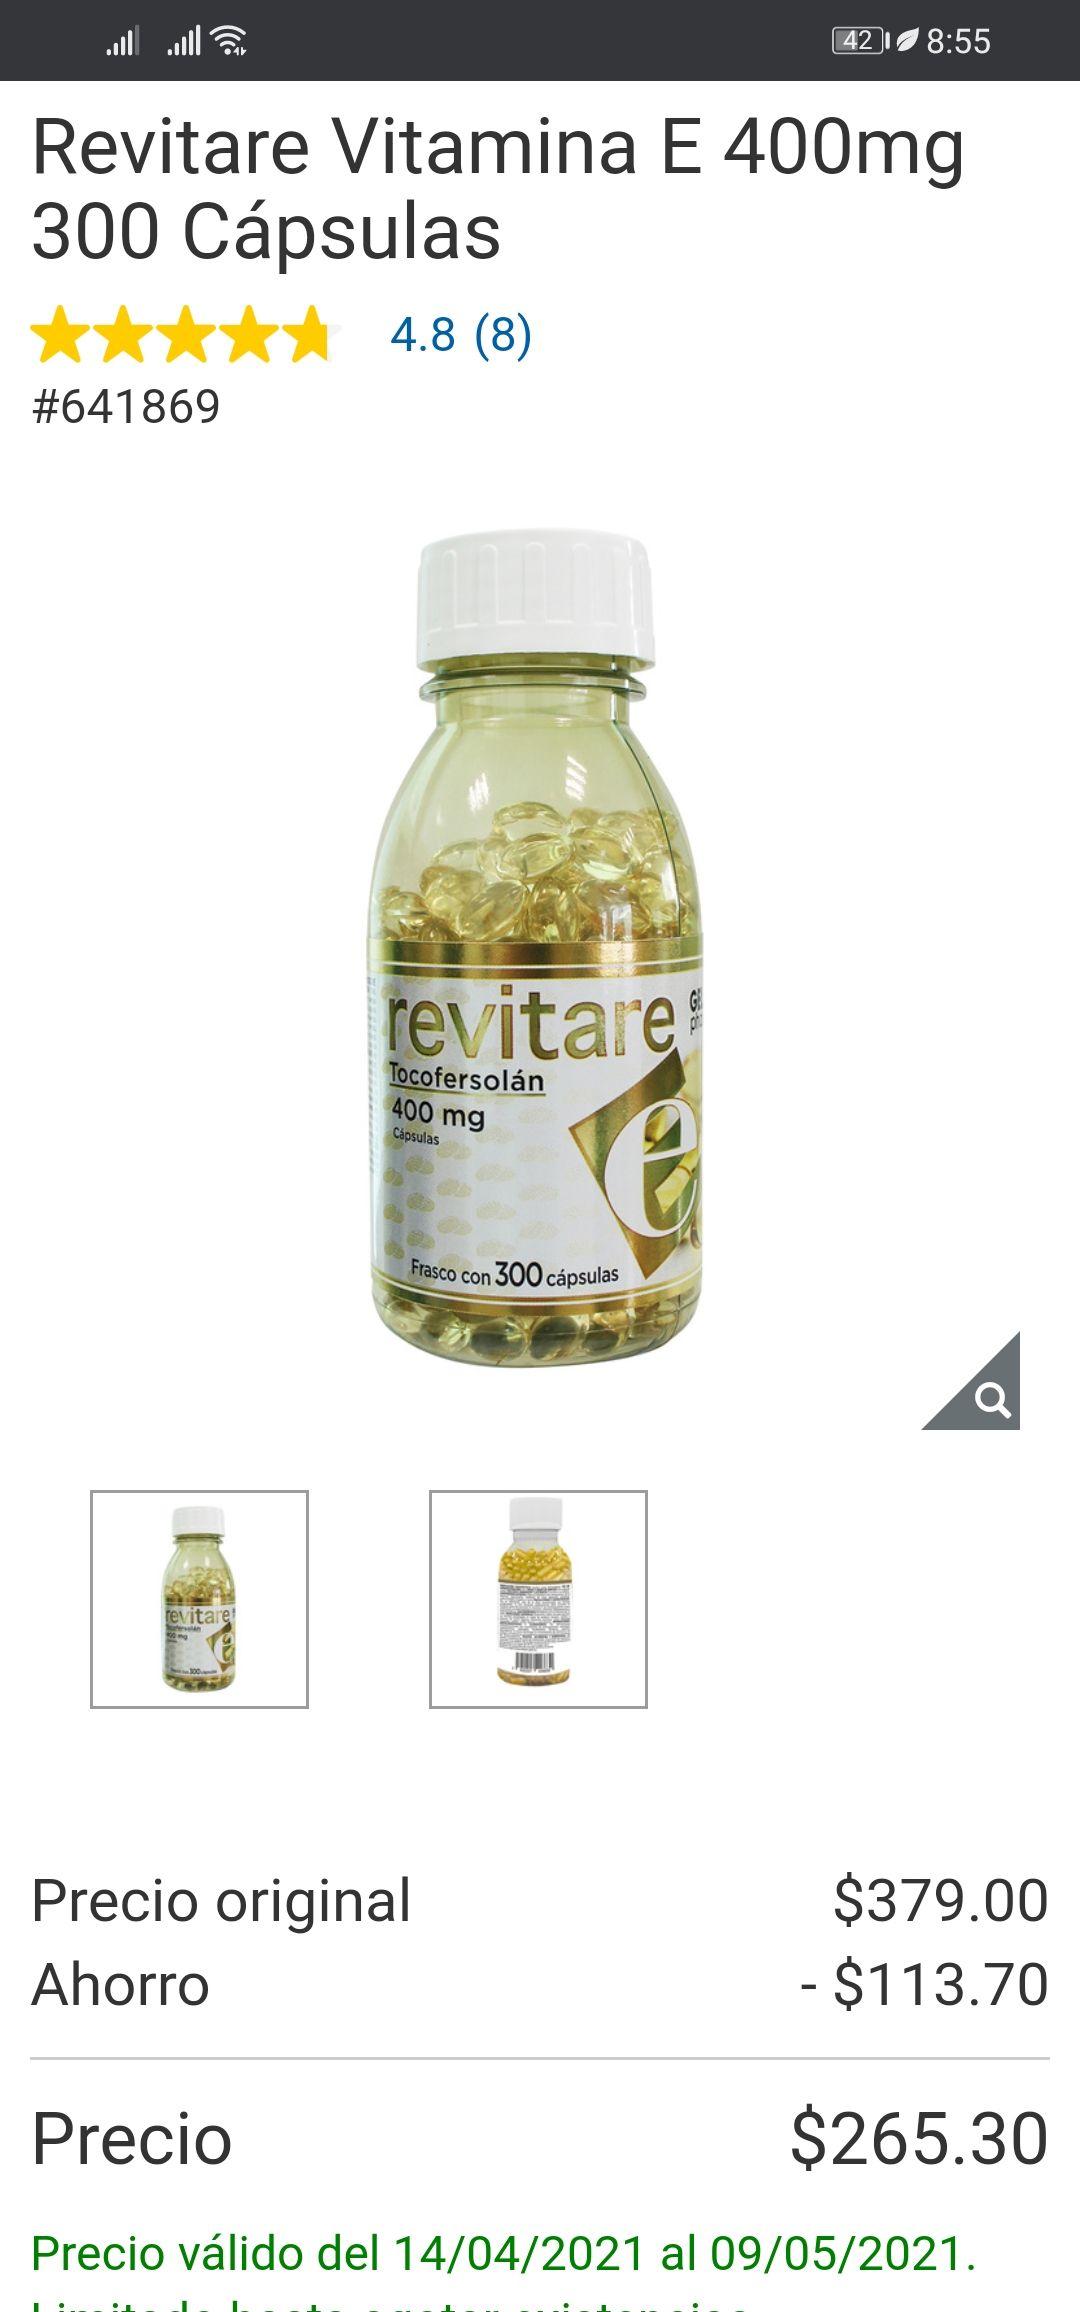 Costco: Revitare vitamina e 400mg, frasco con 300 cápsulas